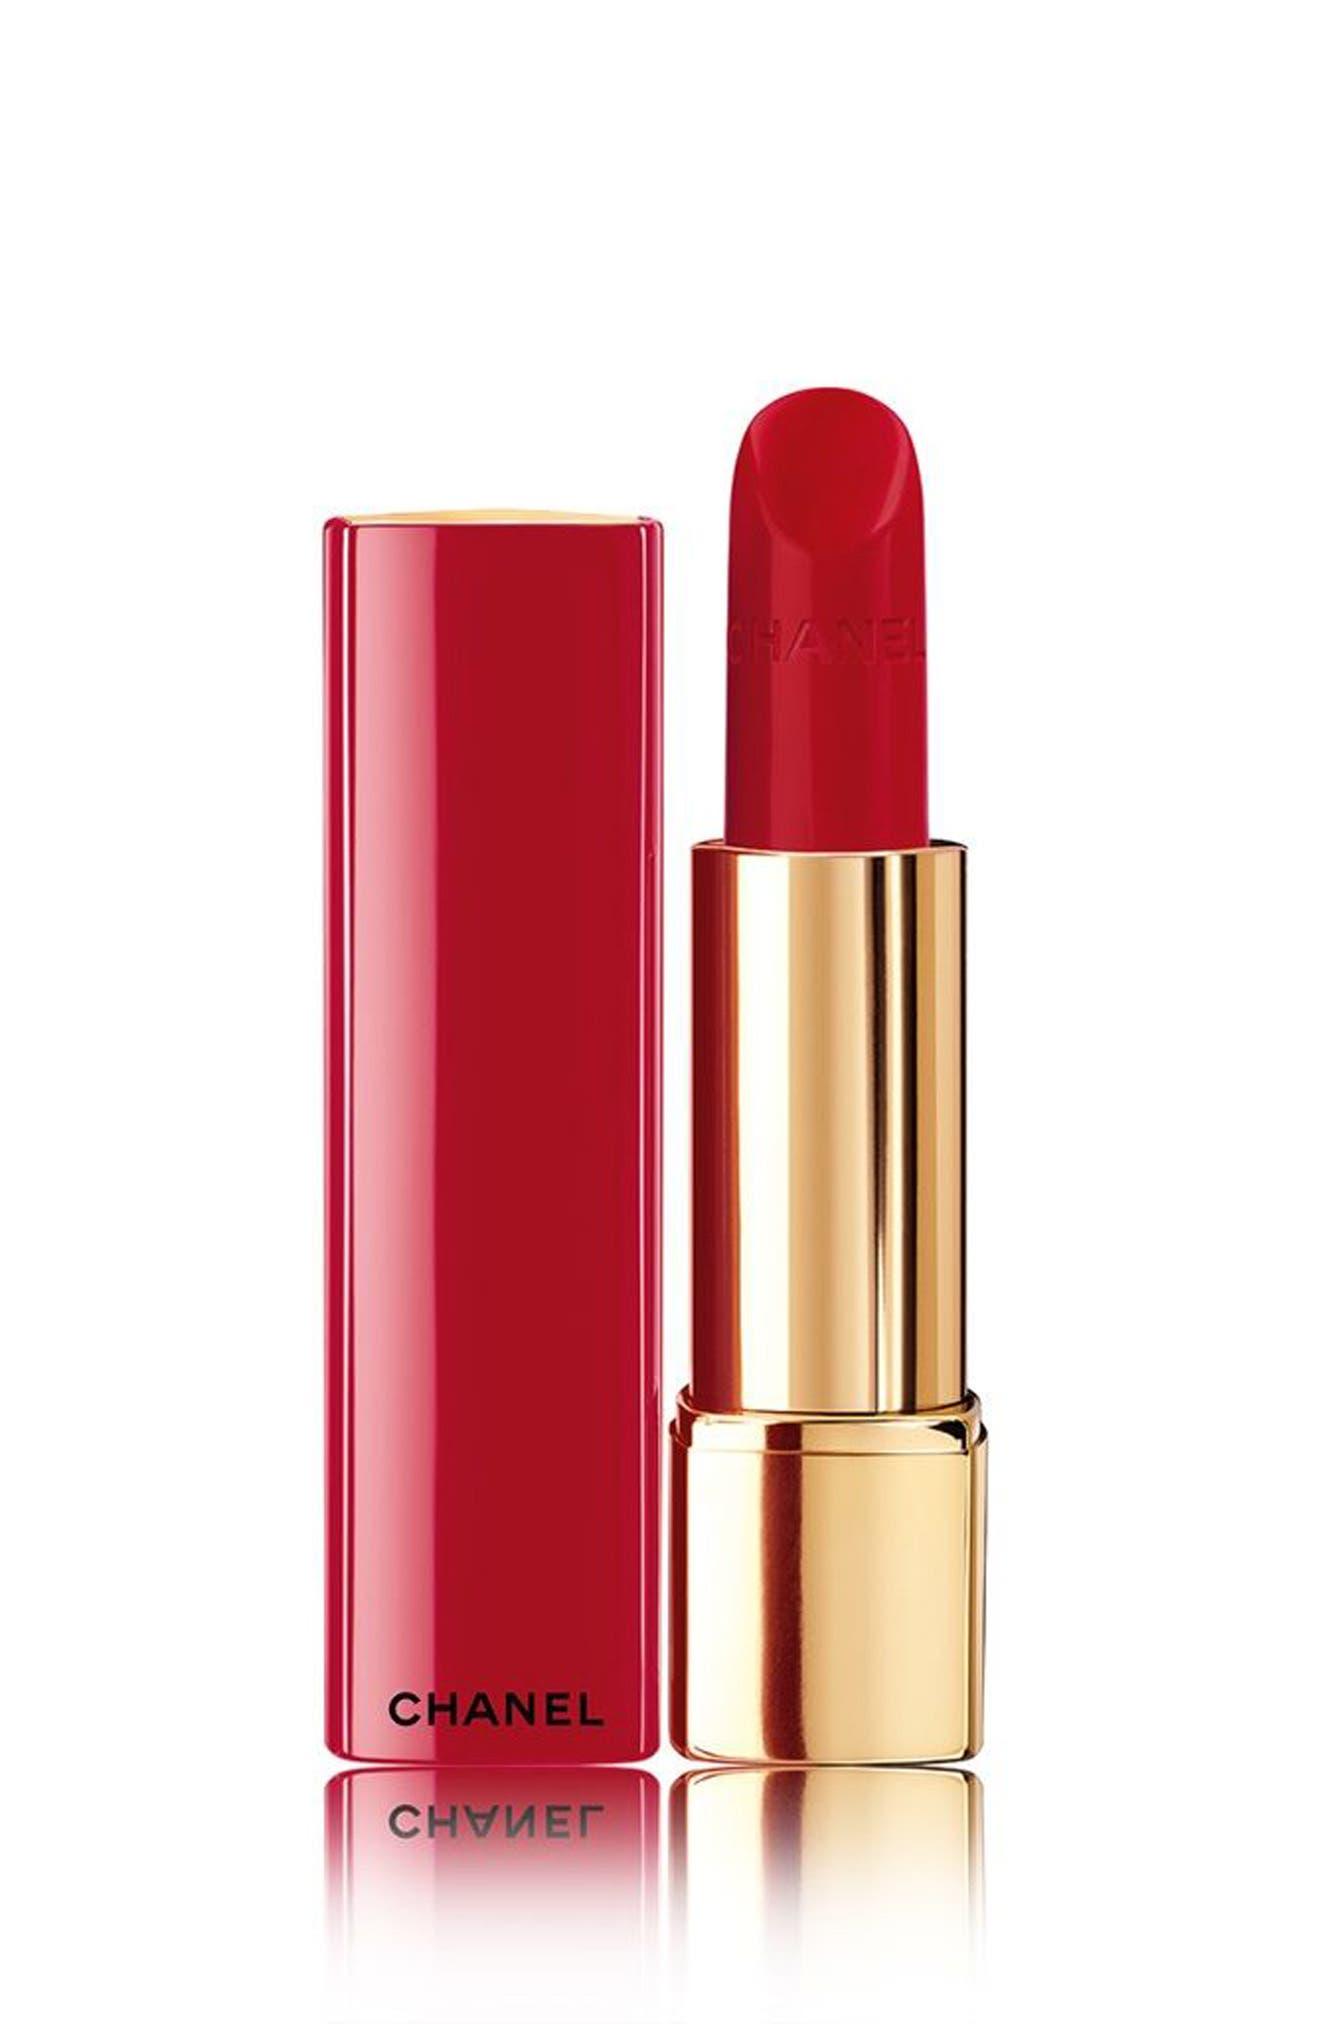 ROUGE ALLURE Luminous Intense Lip Colour,                             Main thumbnail 1, color,                             600